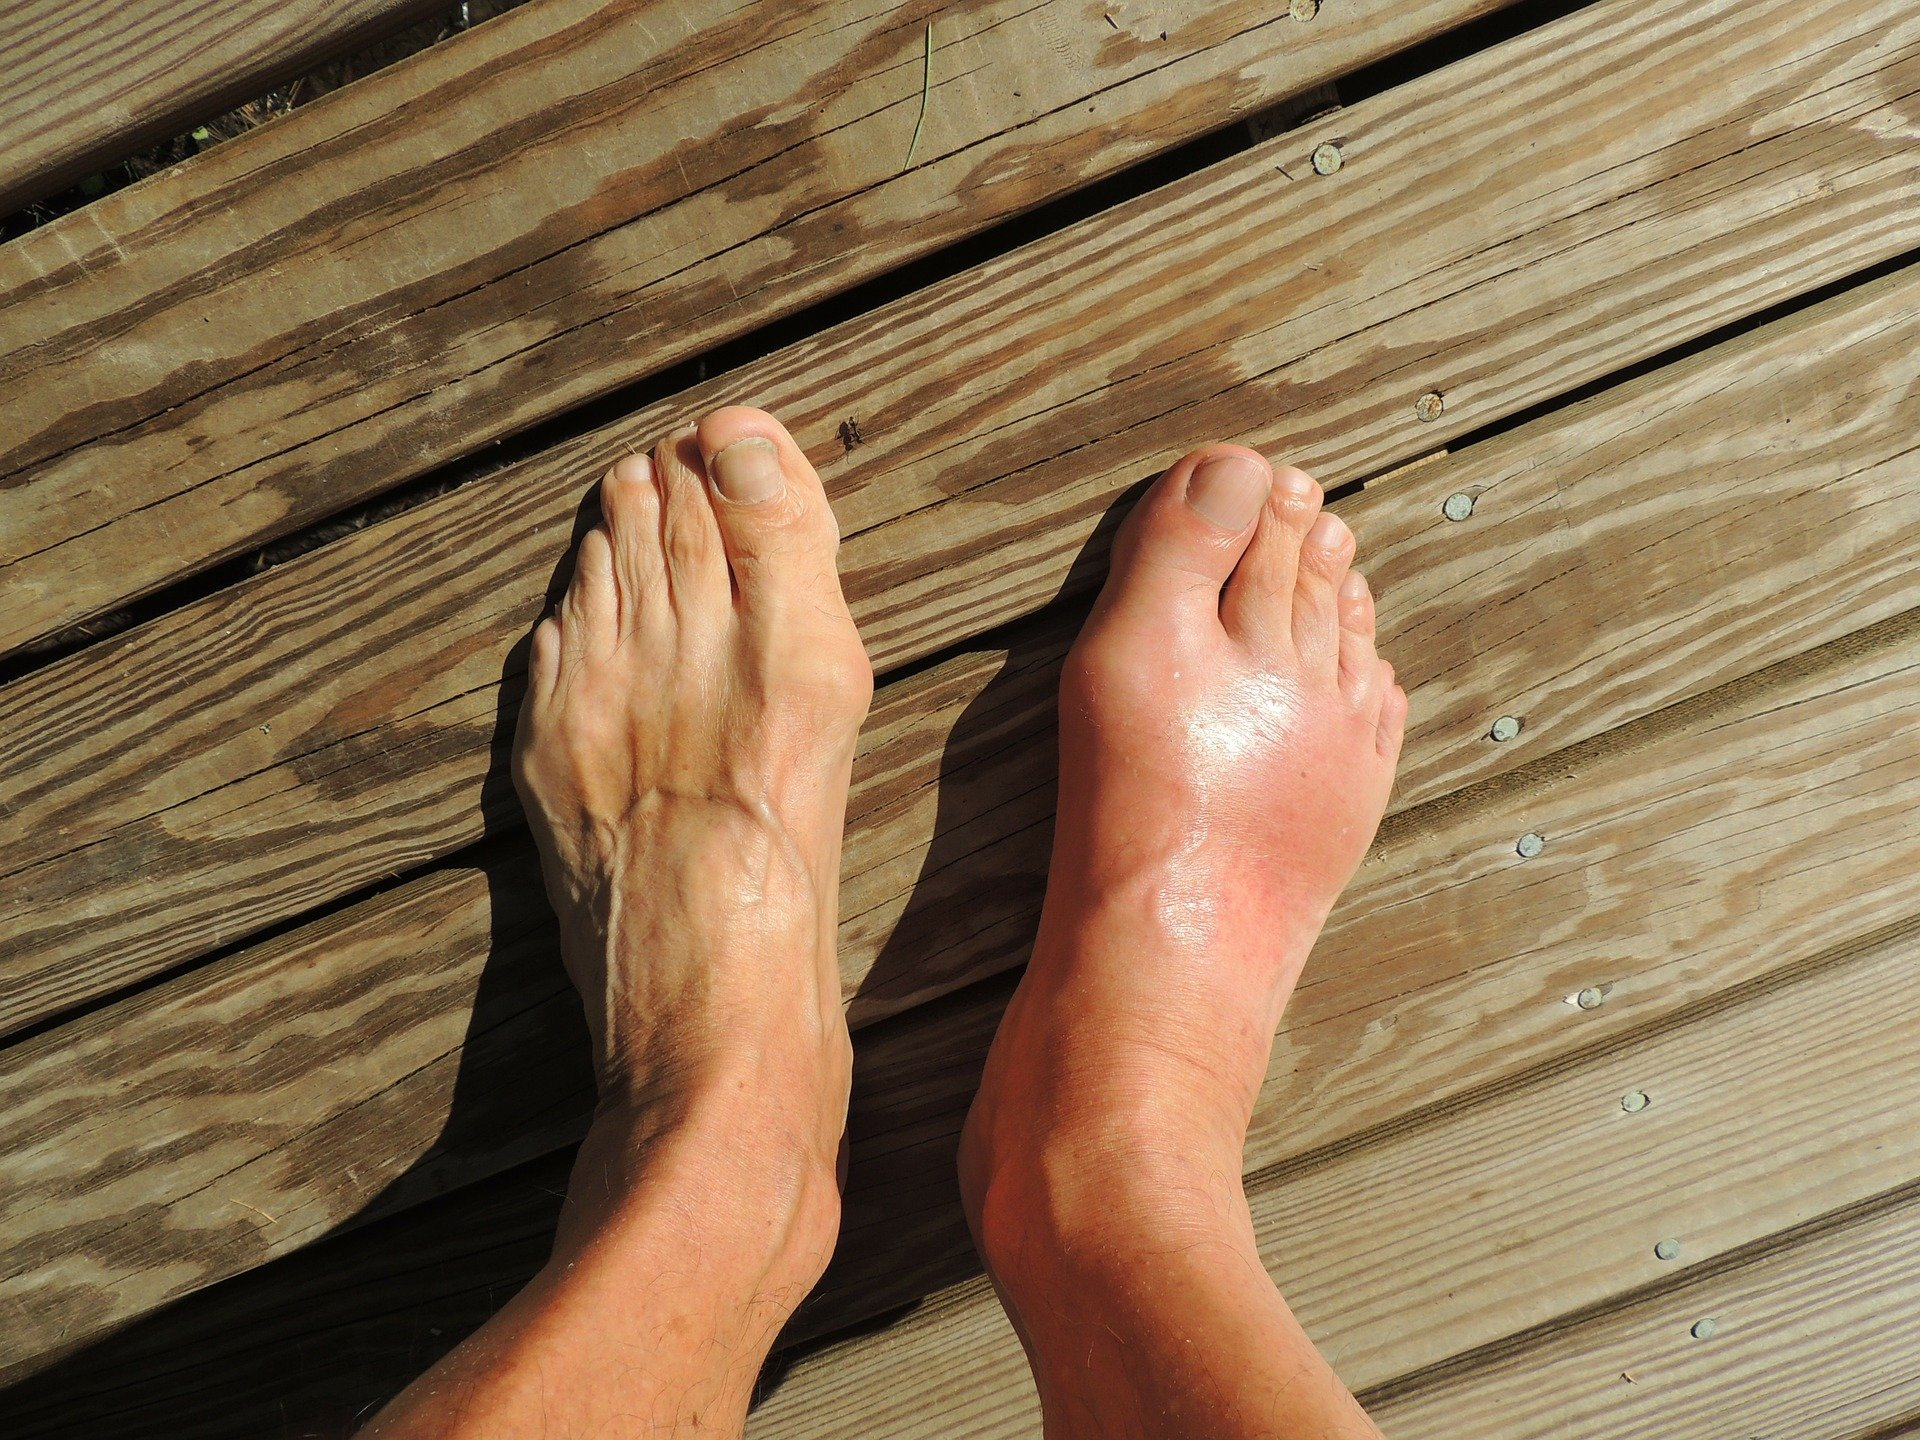 Geschwollene Füße | Quelle: Pixabay